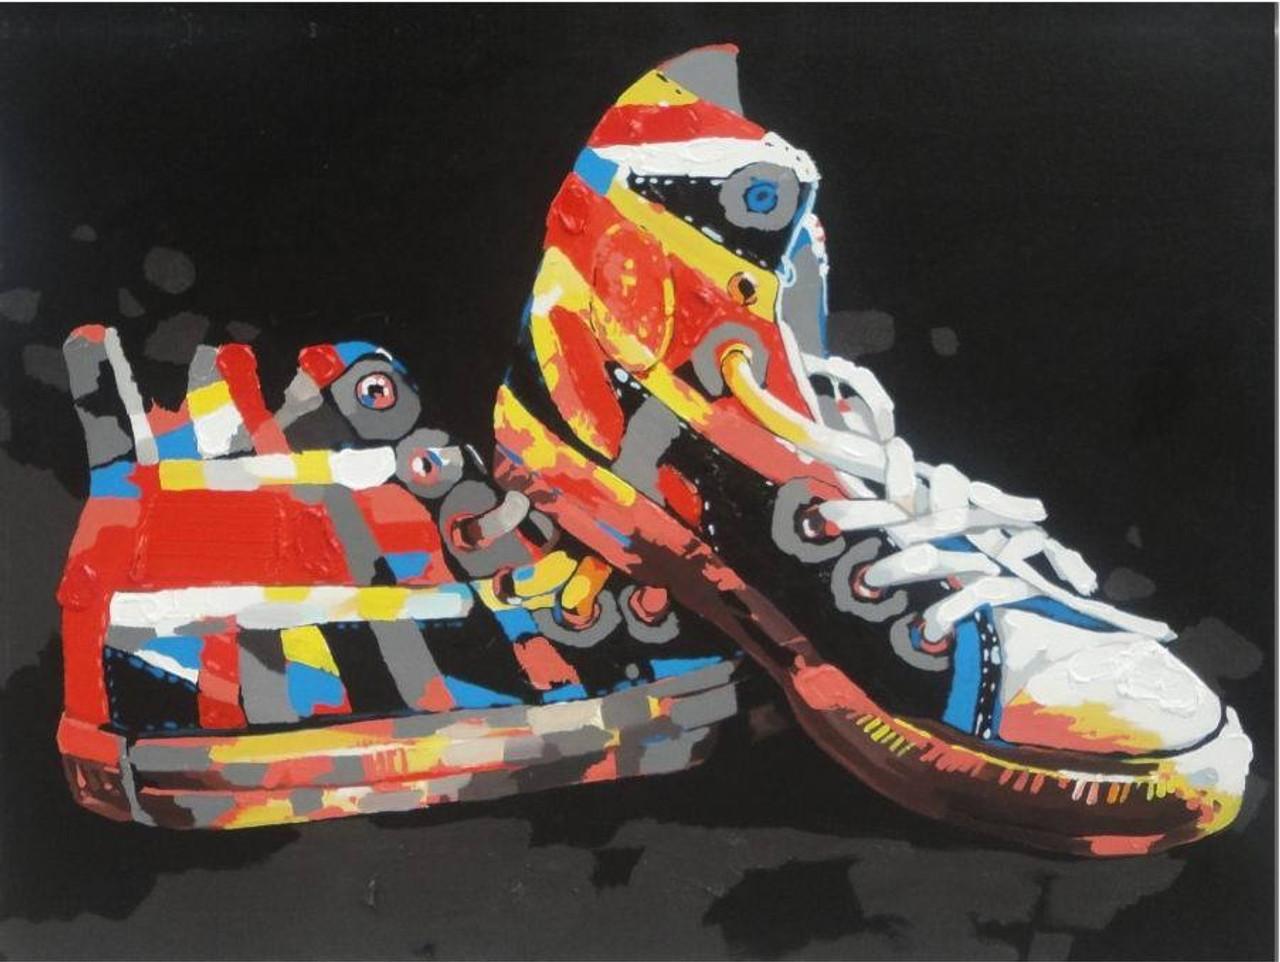 af38c69385470 My Shoe Pair - Handpainted Art Painting - 36in X 24in